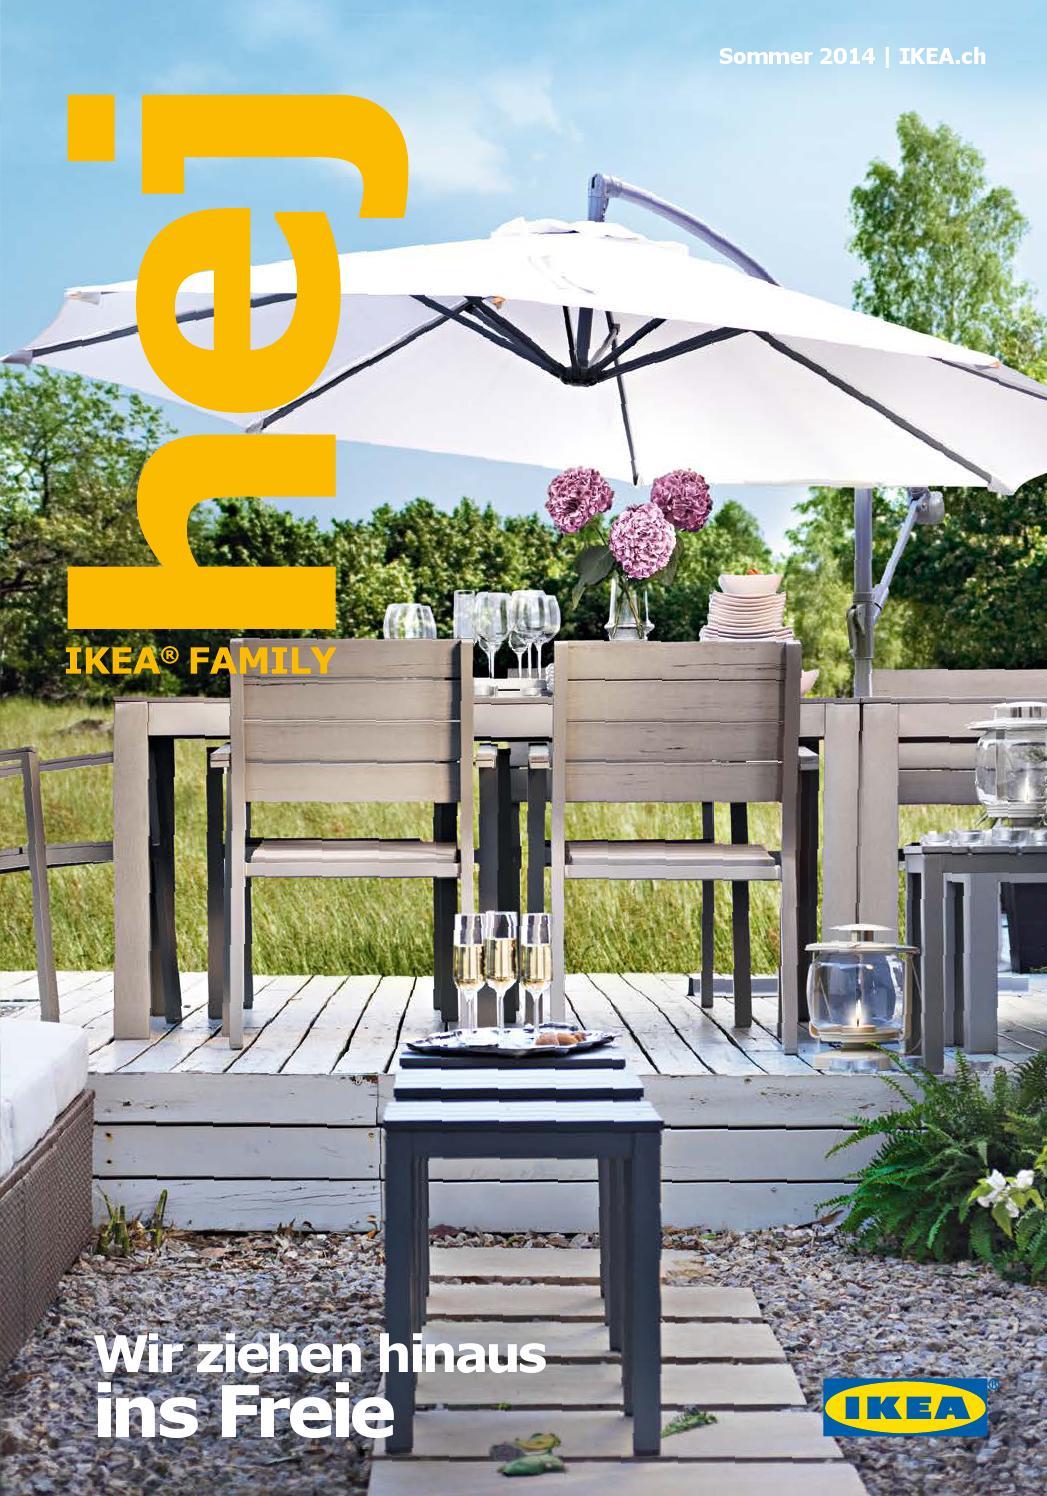 Full Size of Ikea Family Magazin By Factum Ag Liegestuhl Garten Vertikaler Stapelstuhl Loungemöbel Spielhaus Kunststoff Gartenüberdachung Günstig Schaukel Für Wohnzimmer Ikea Liegestuhl Garten